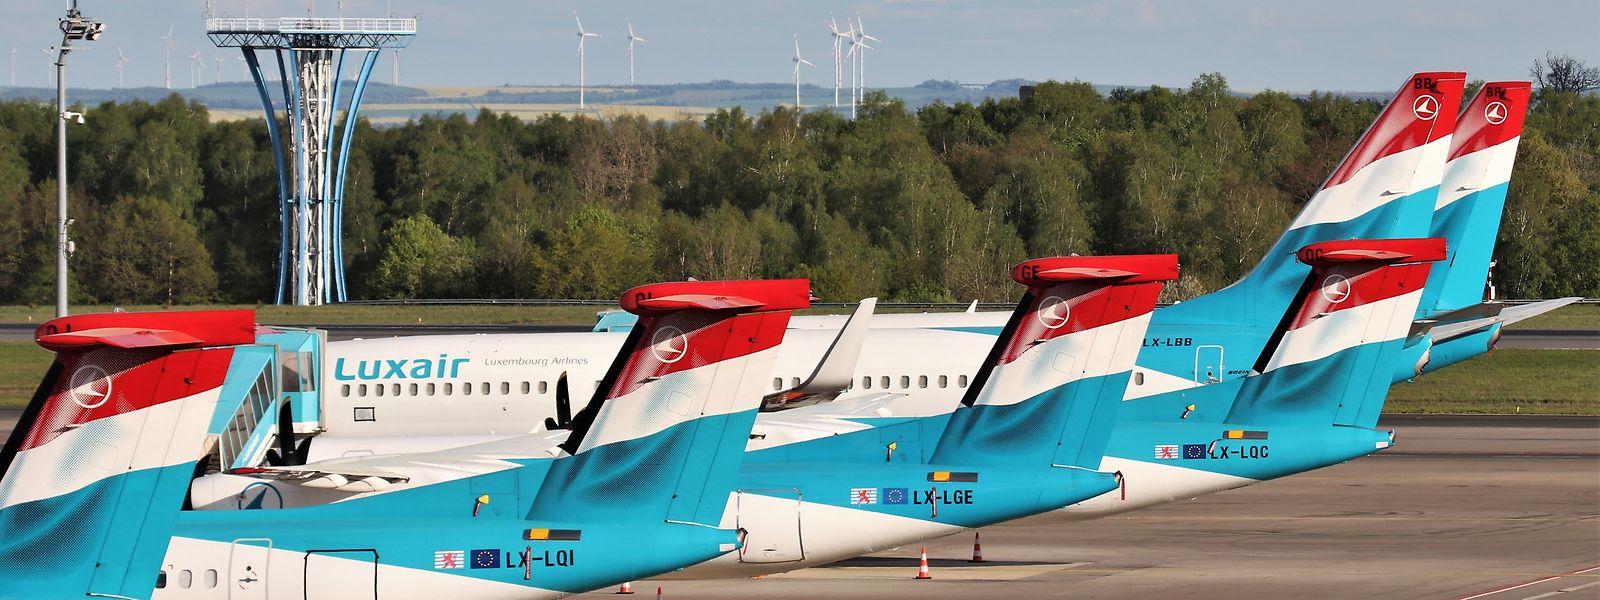 Opfer der Corona-Krise: Seit fast zwei Monaten befindet sich die Luxair-Flotte am Boden.